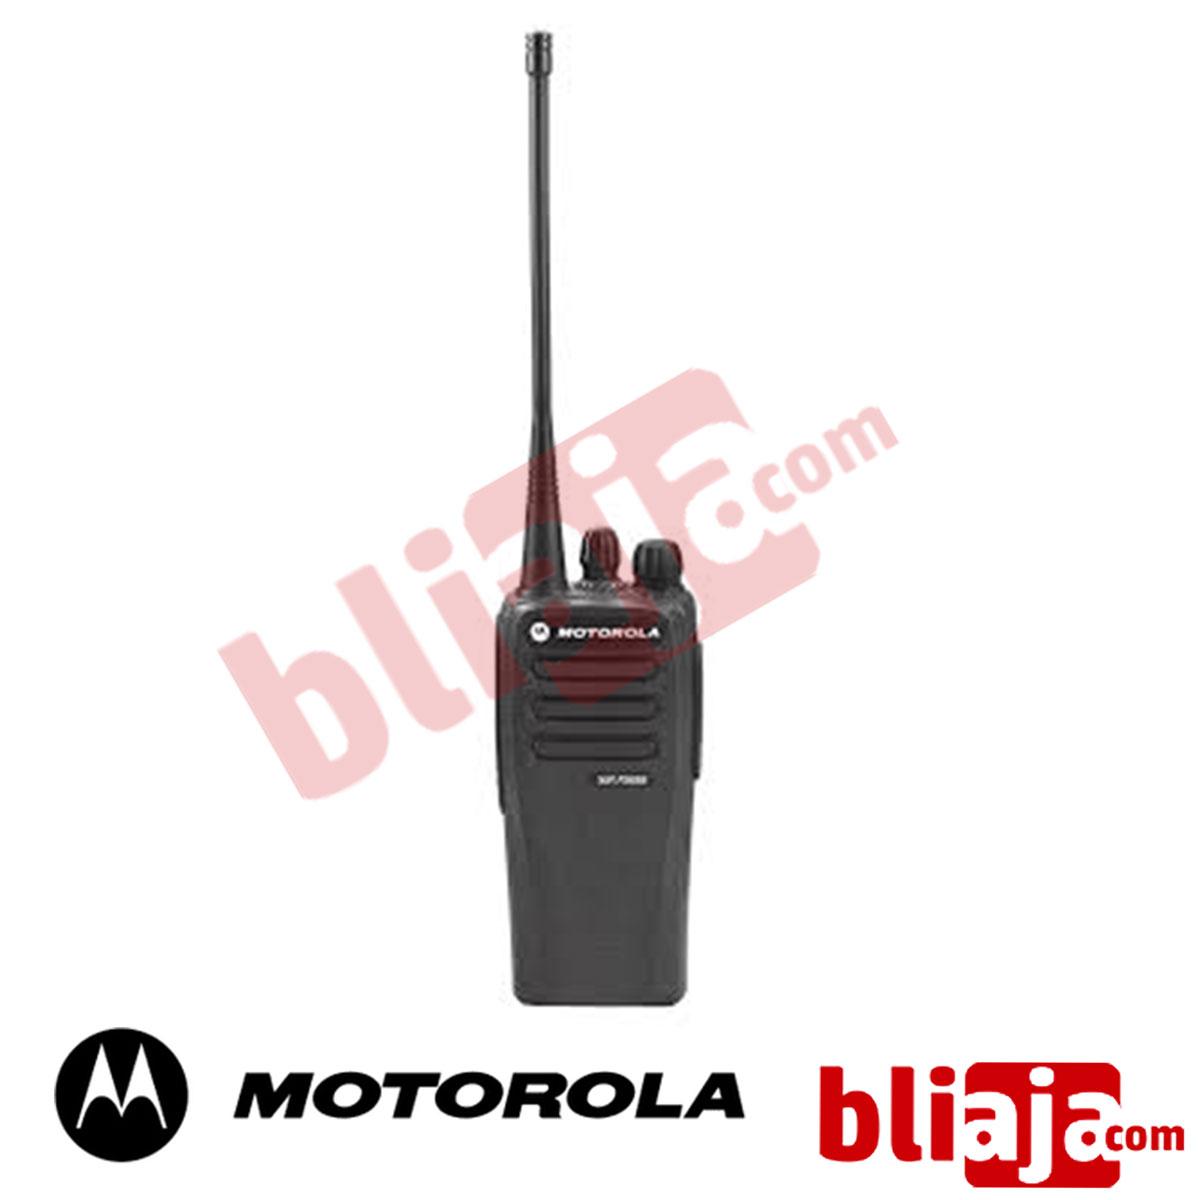 MOTOROLA XIR P3688 350-400M 4W ND